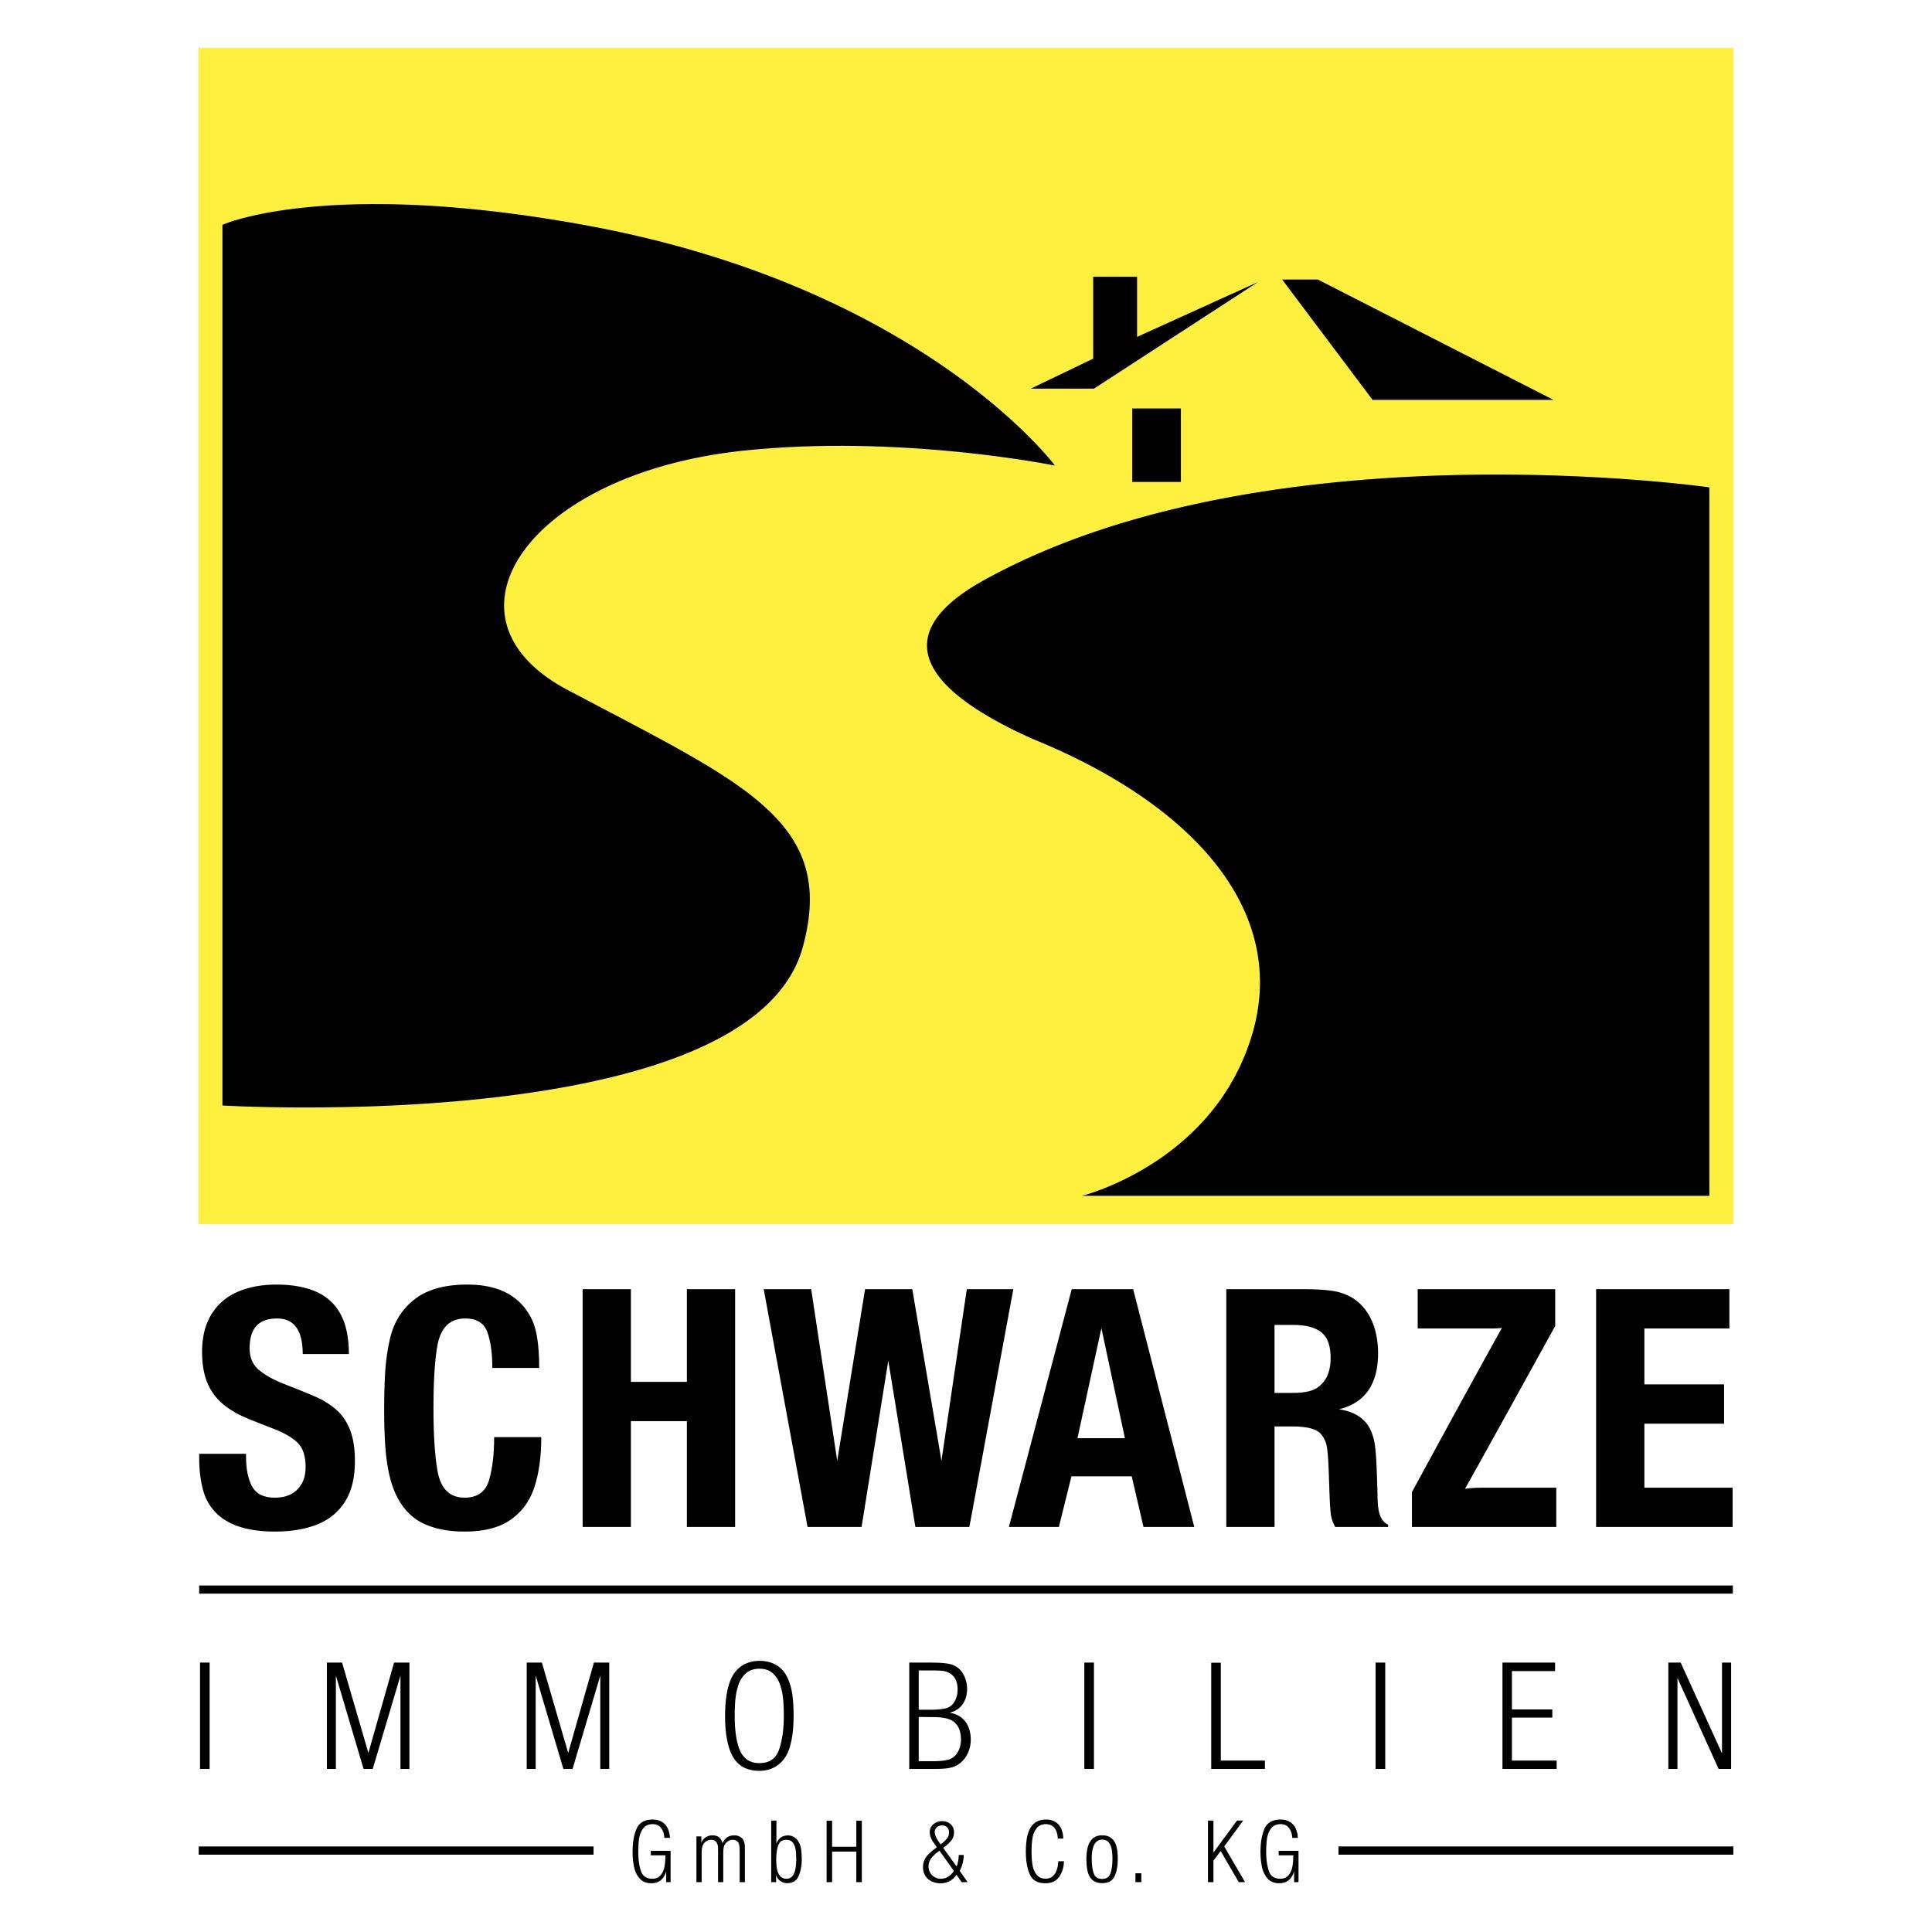 Schwarze Immobilien GmbH & Co. KG